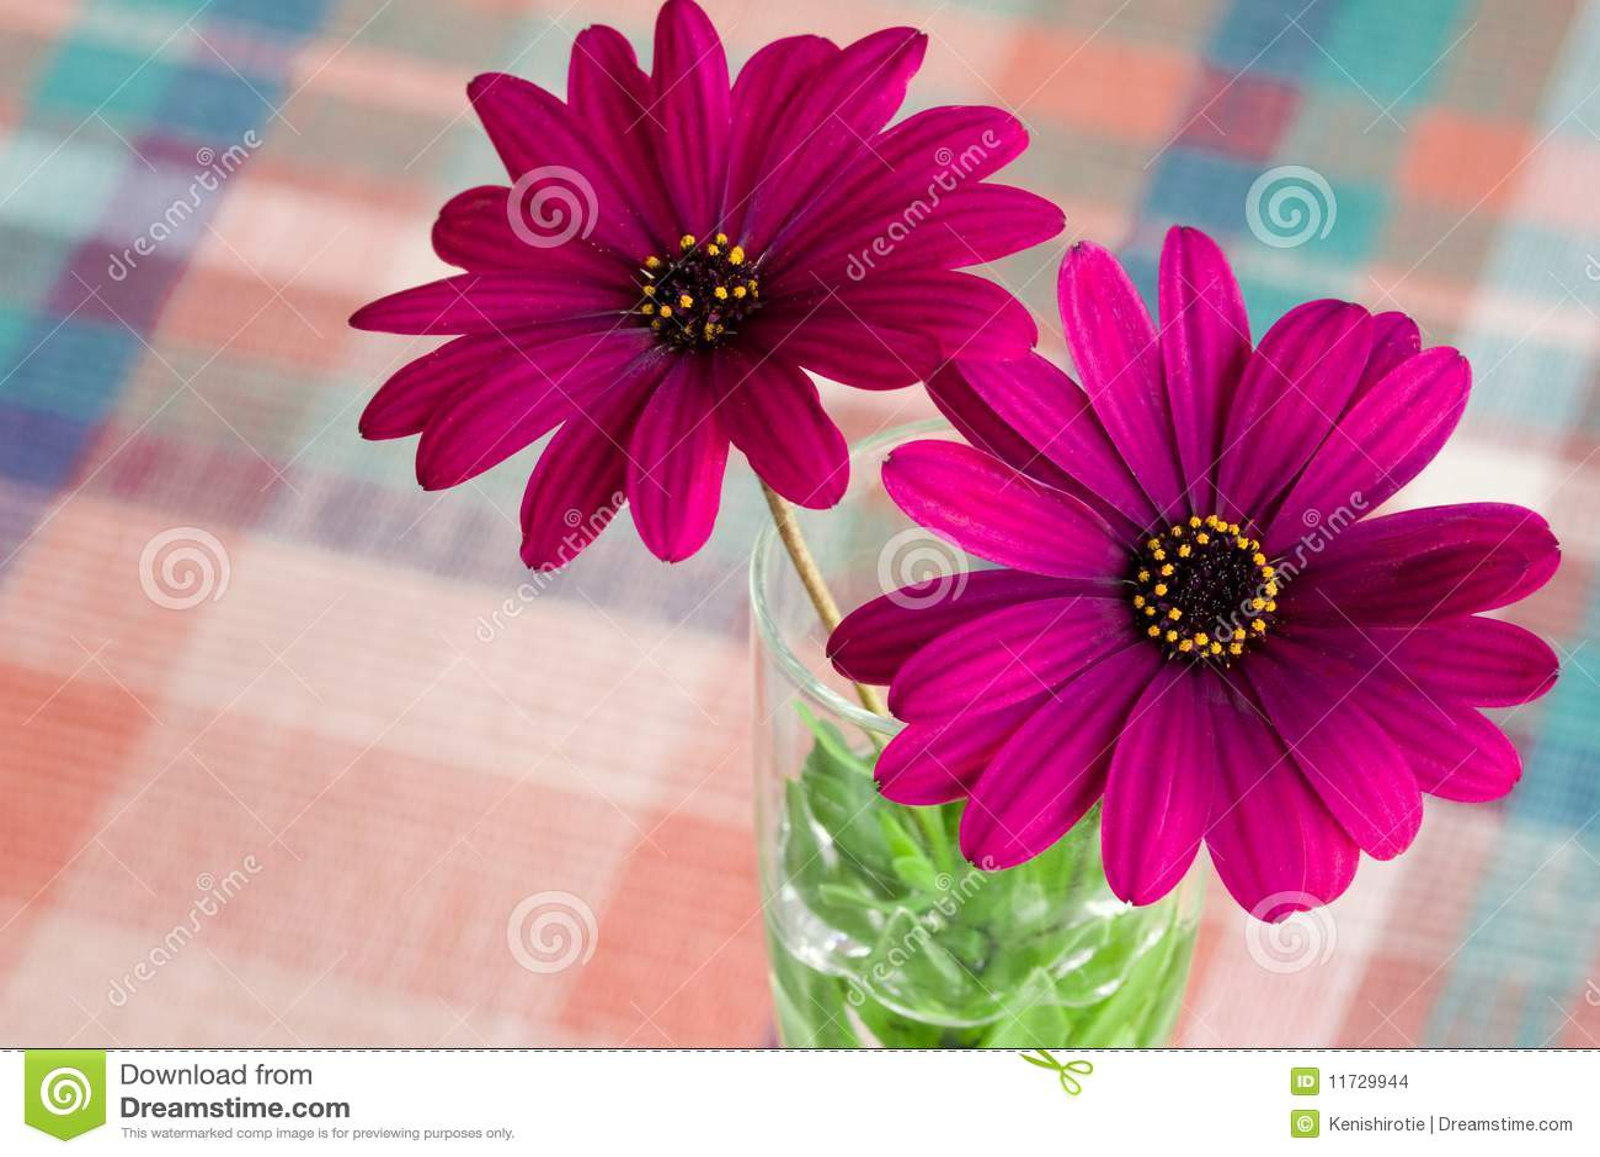 Fiore viola della margherita